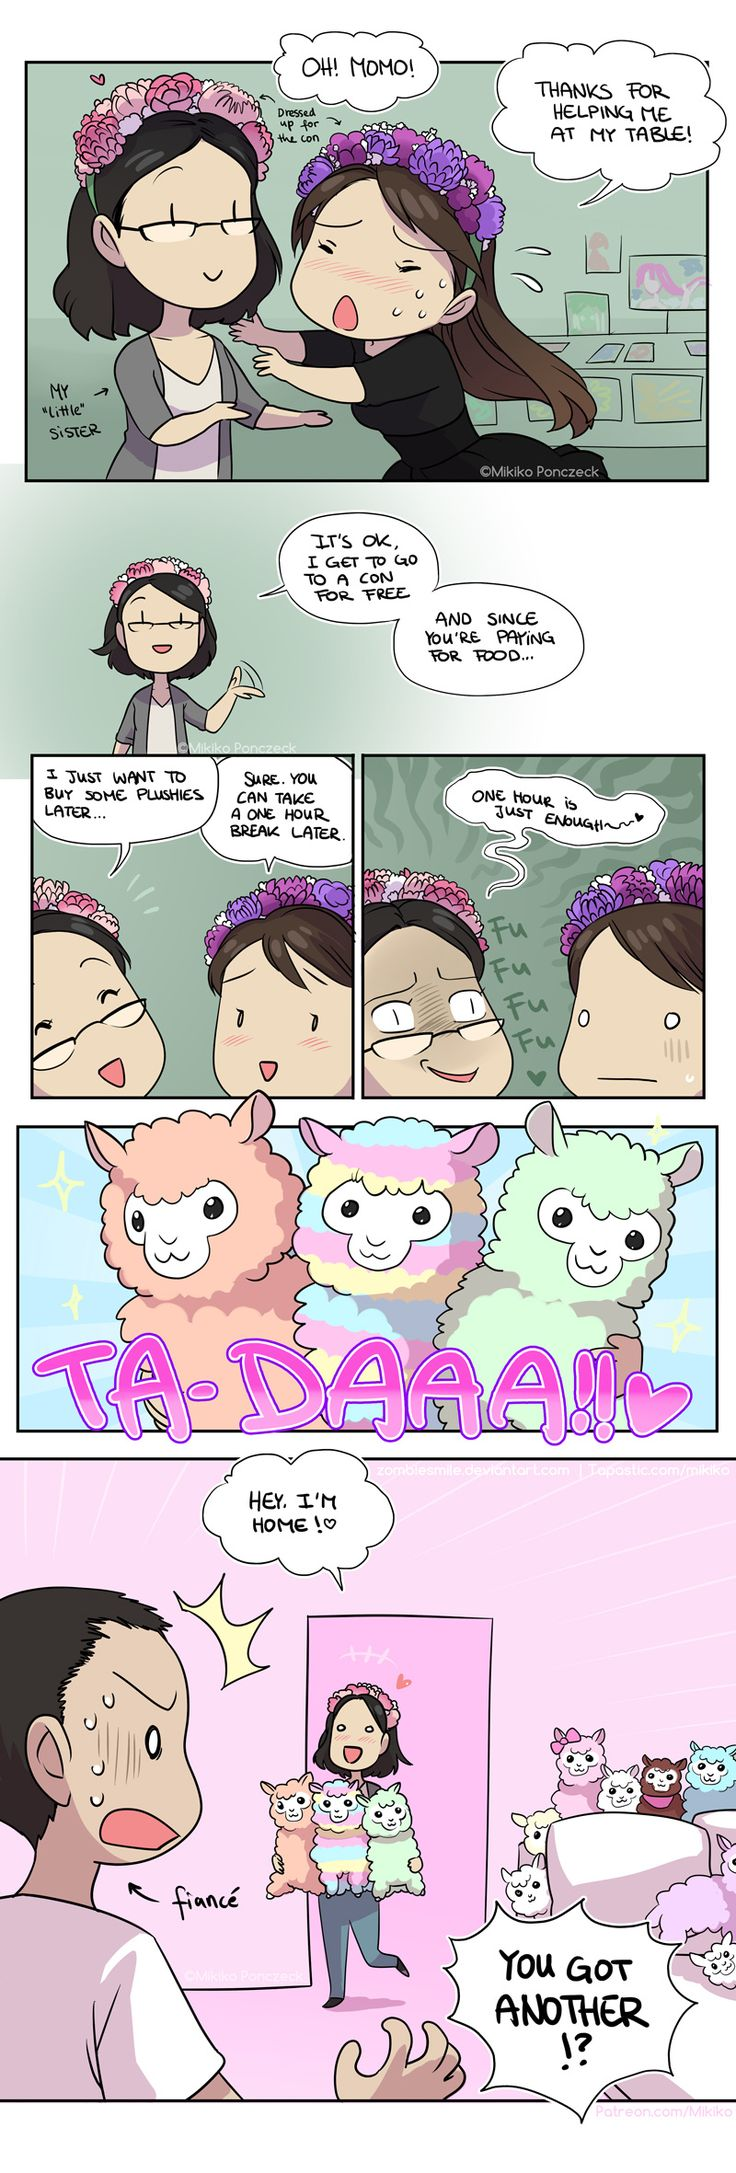 Ich habe das Regenbogen Lama